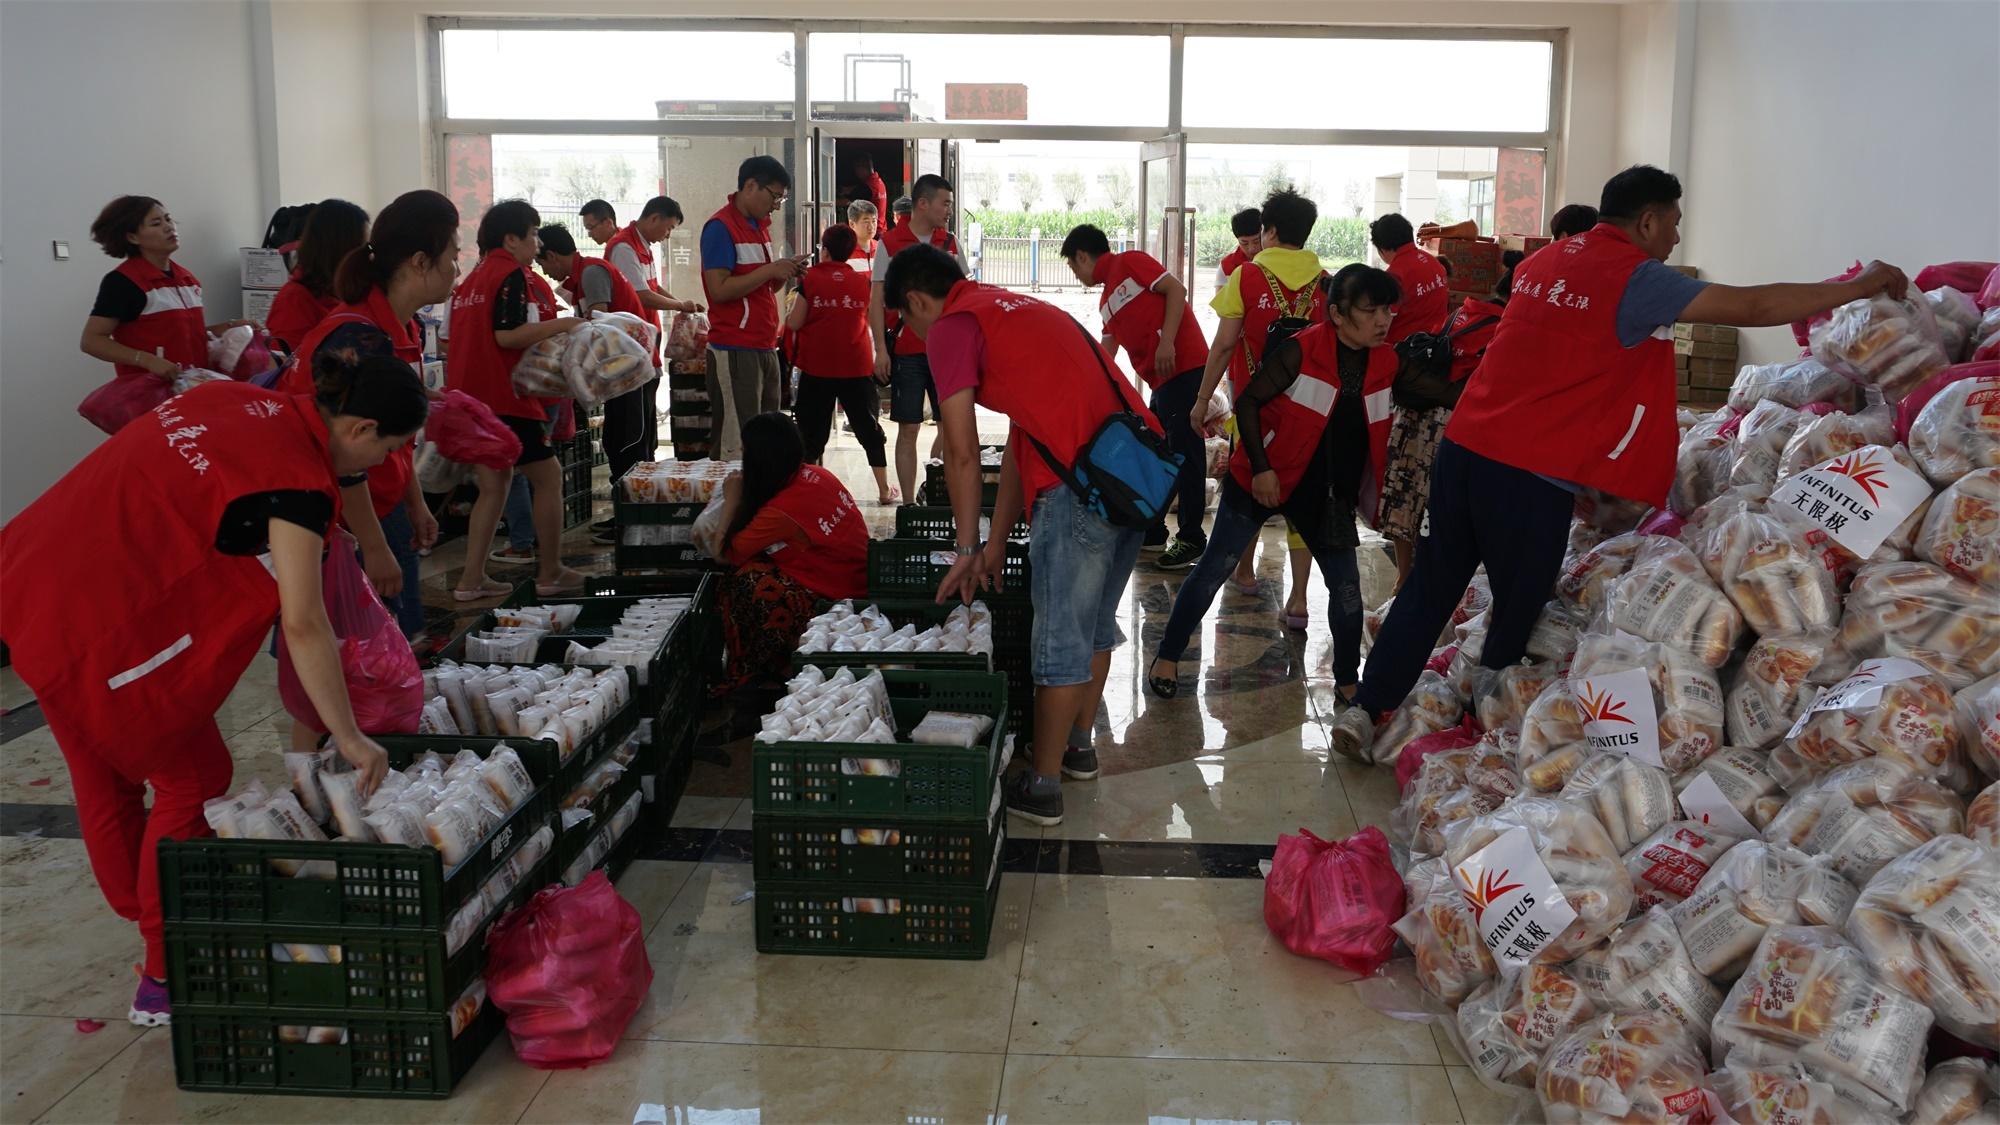 菲律宾娱乐参与吉林抗洪救灾,传递爱心正能量